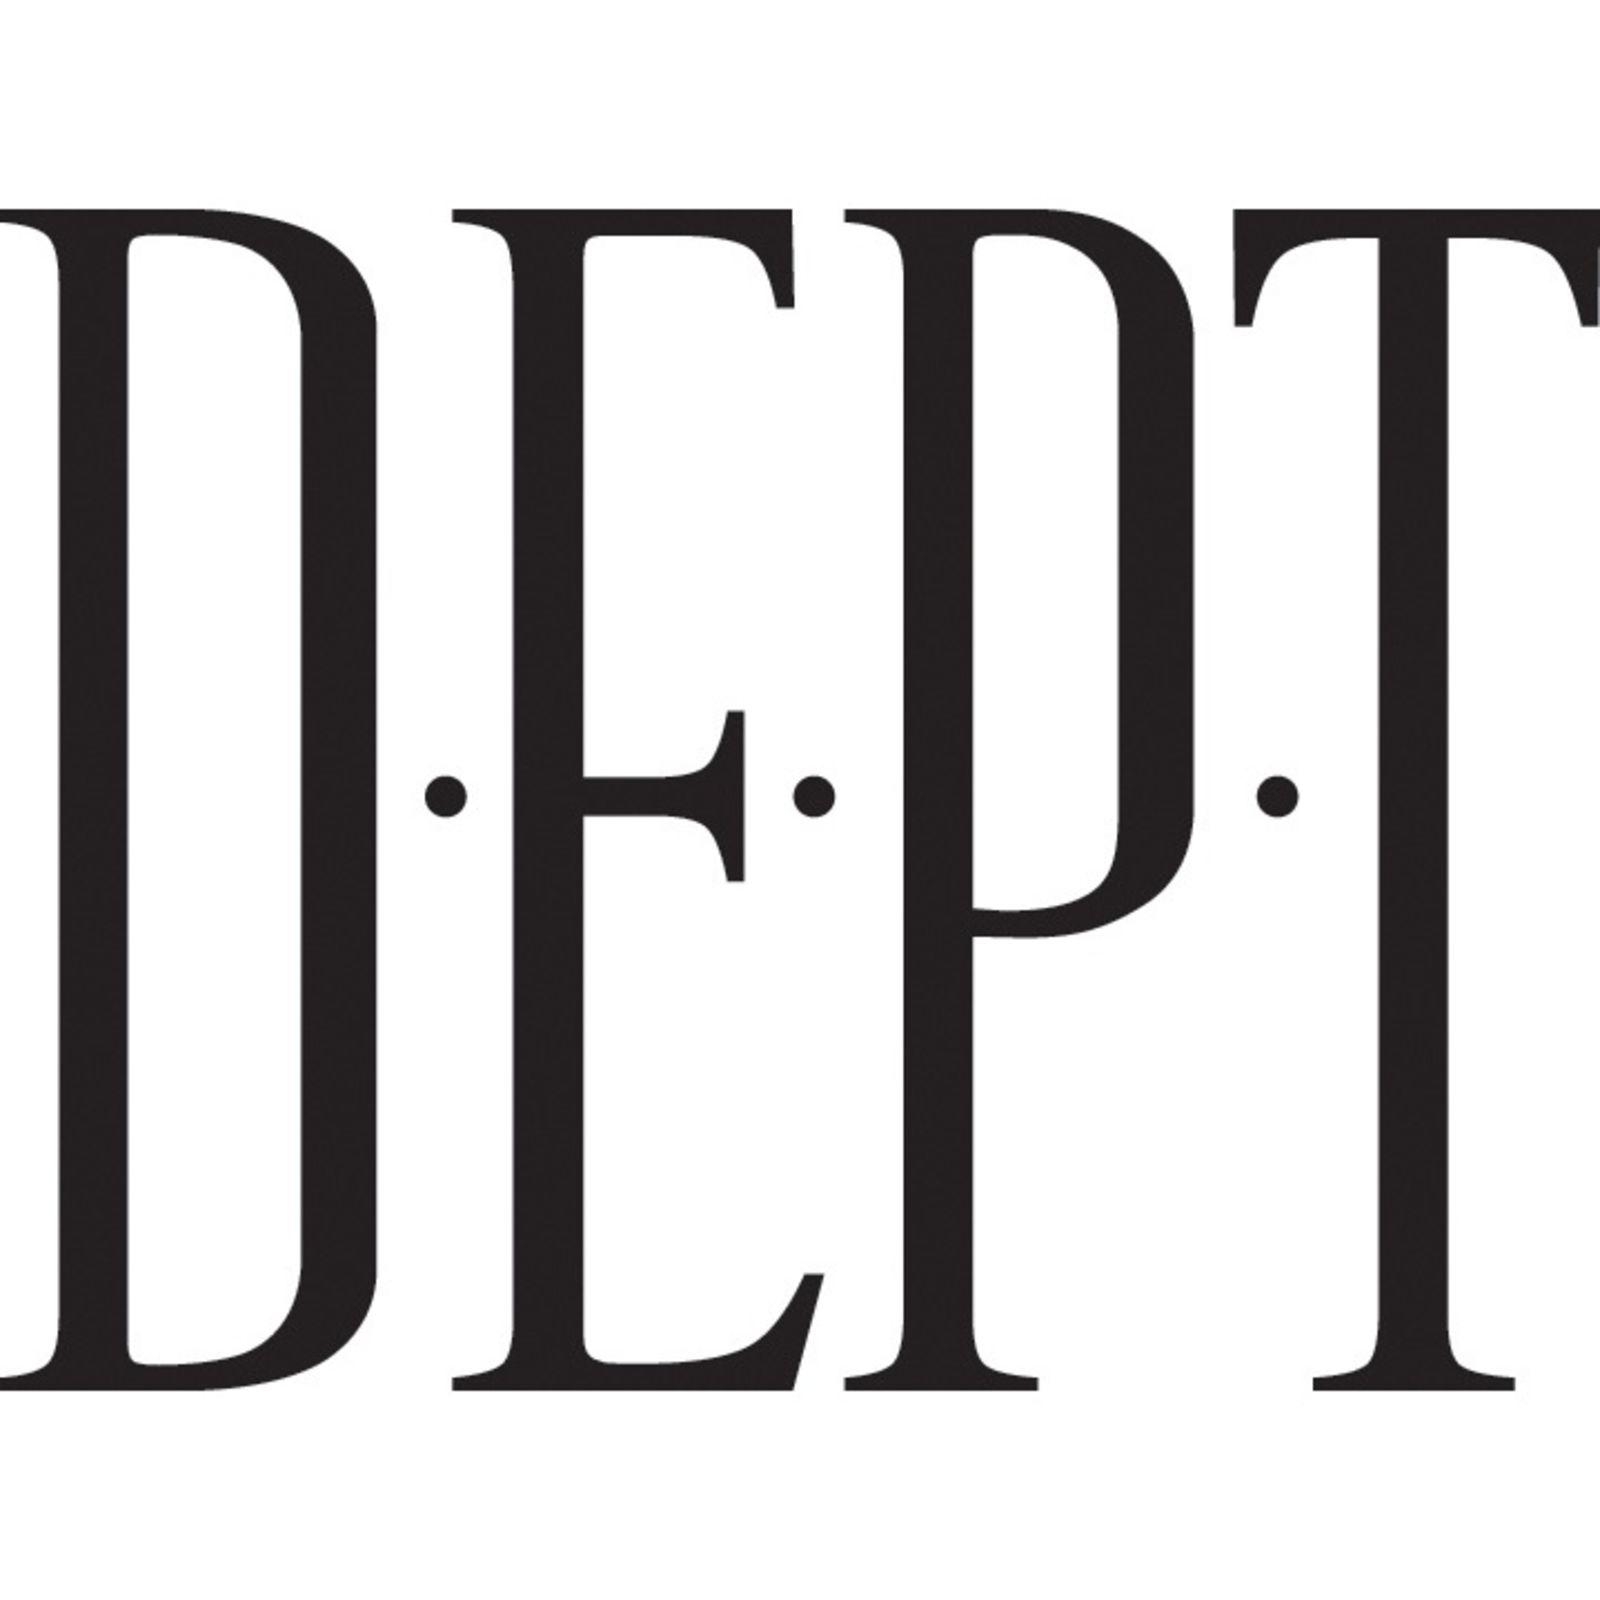 DEPT.